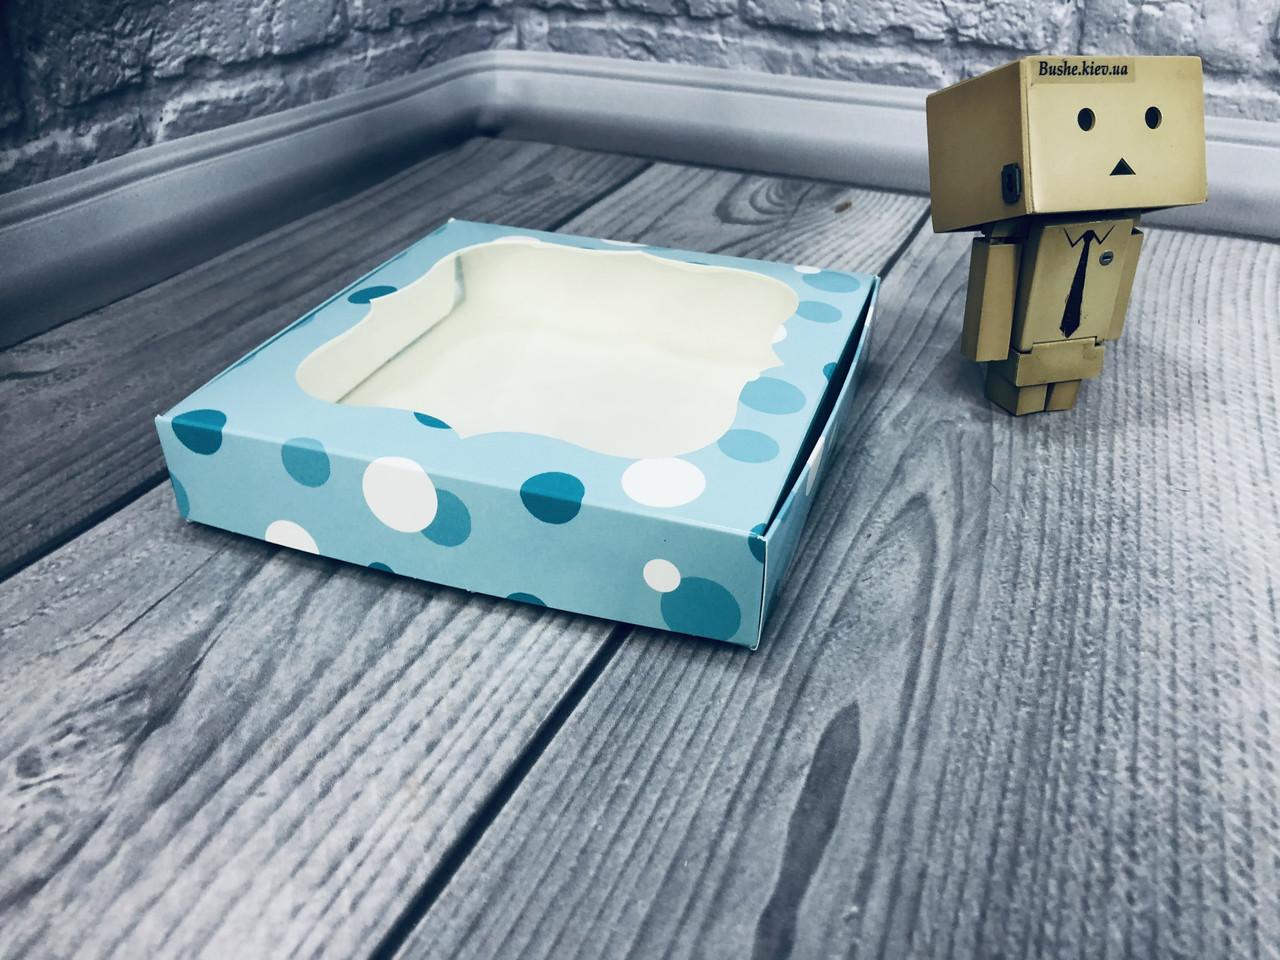 *10 шт* / Коробка для пряников / 150х150х30 мм / печать-Бирюзовая Нежность / окно-обычн / лк